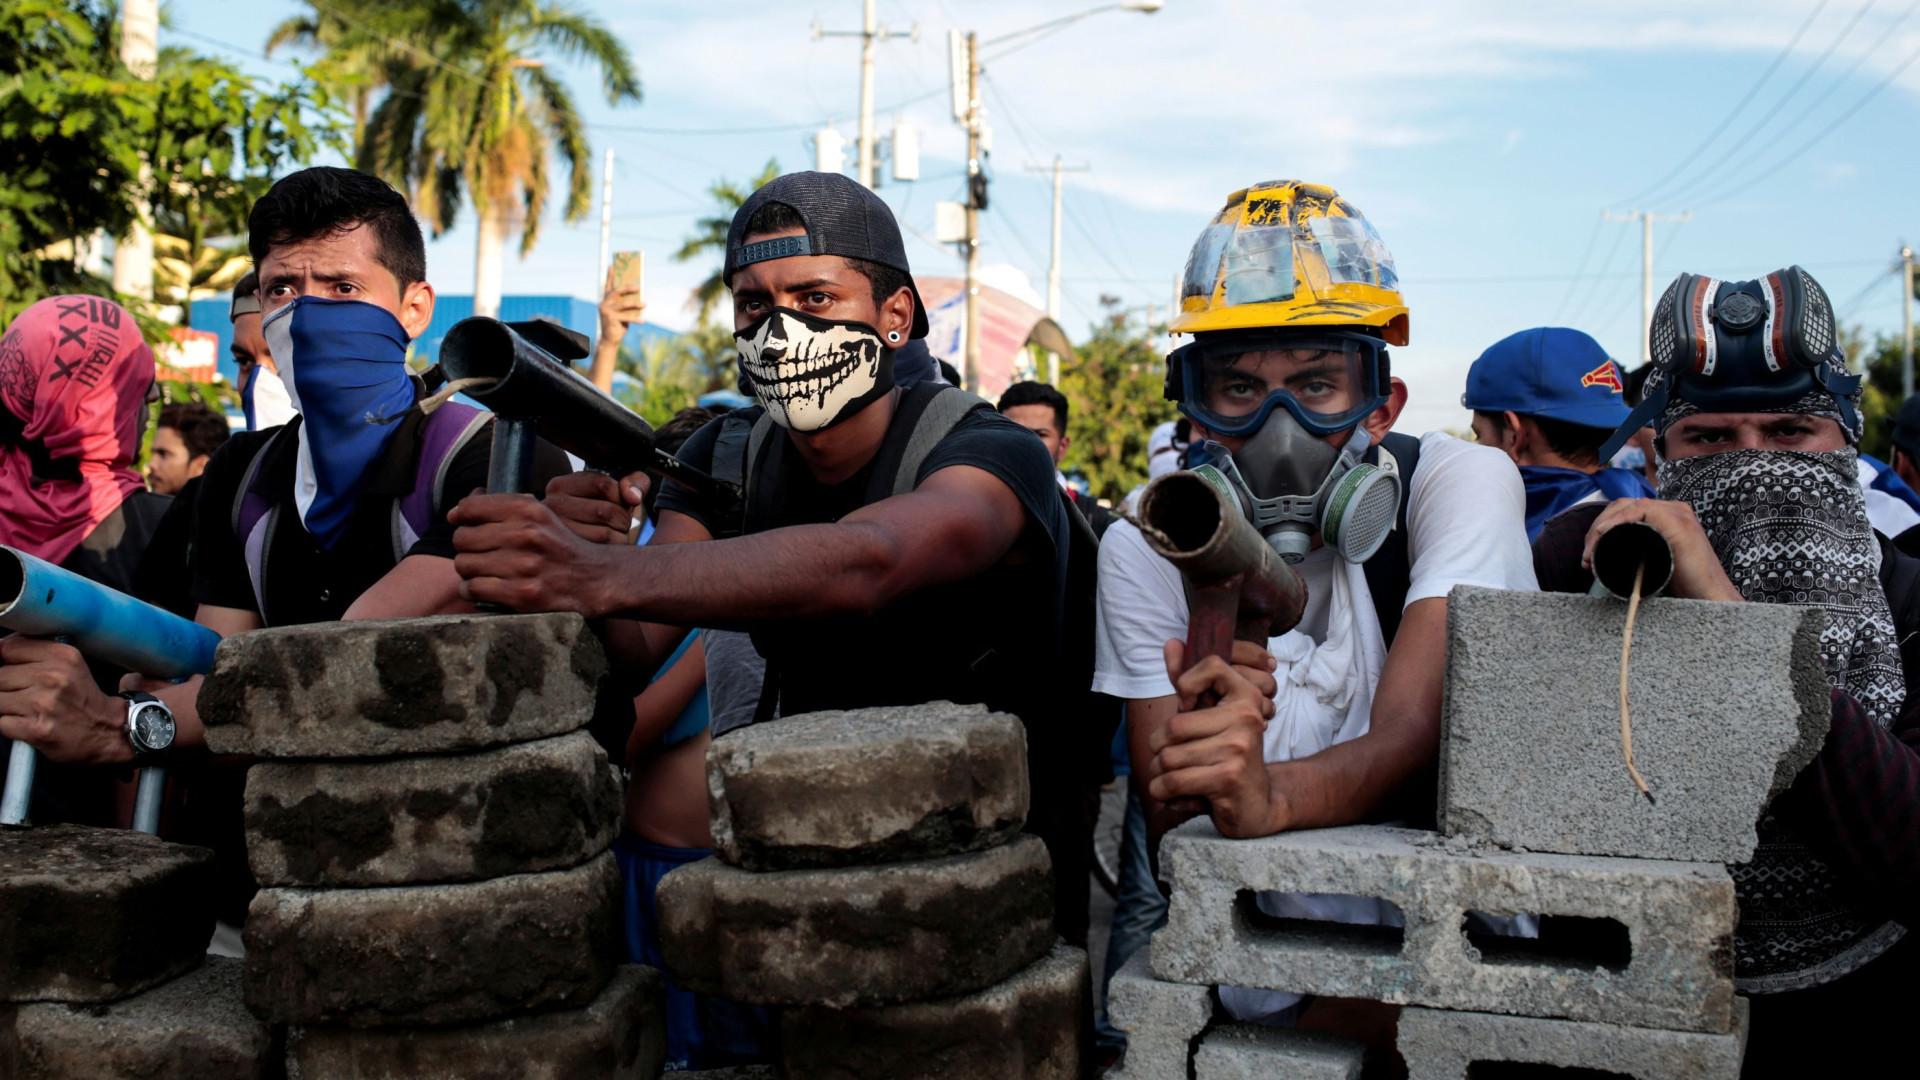 Dia de protesto e greve geral na Nicarágua deixa três mortos